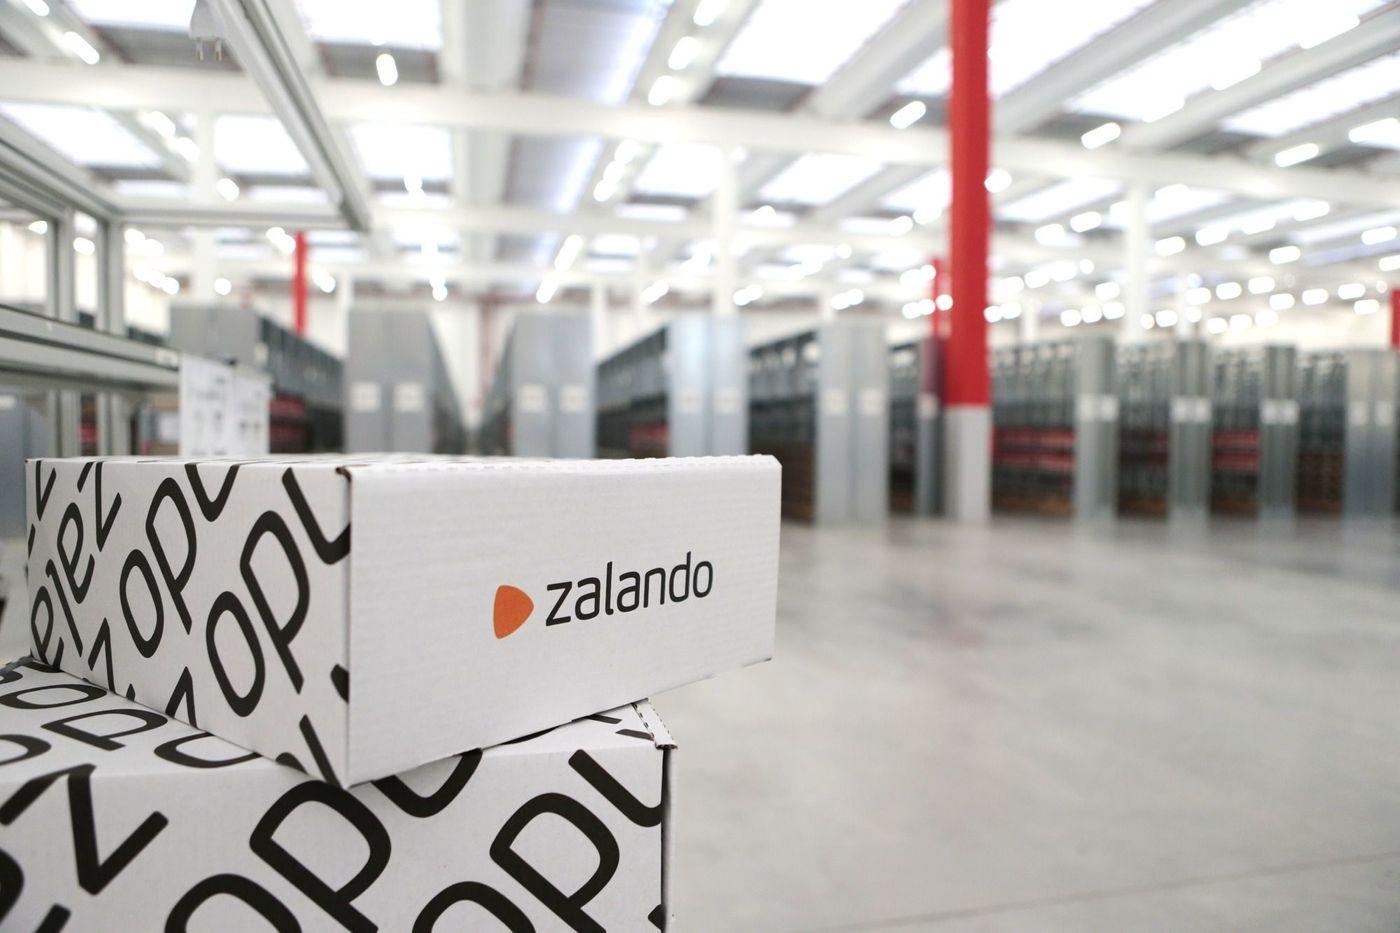 Zalando aandelen kopen, aandeel zalando koers